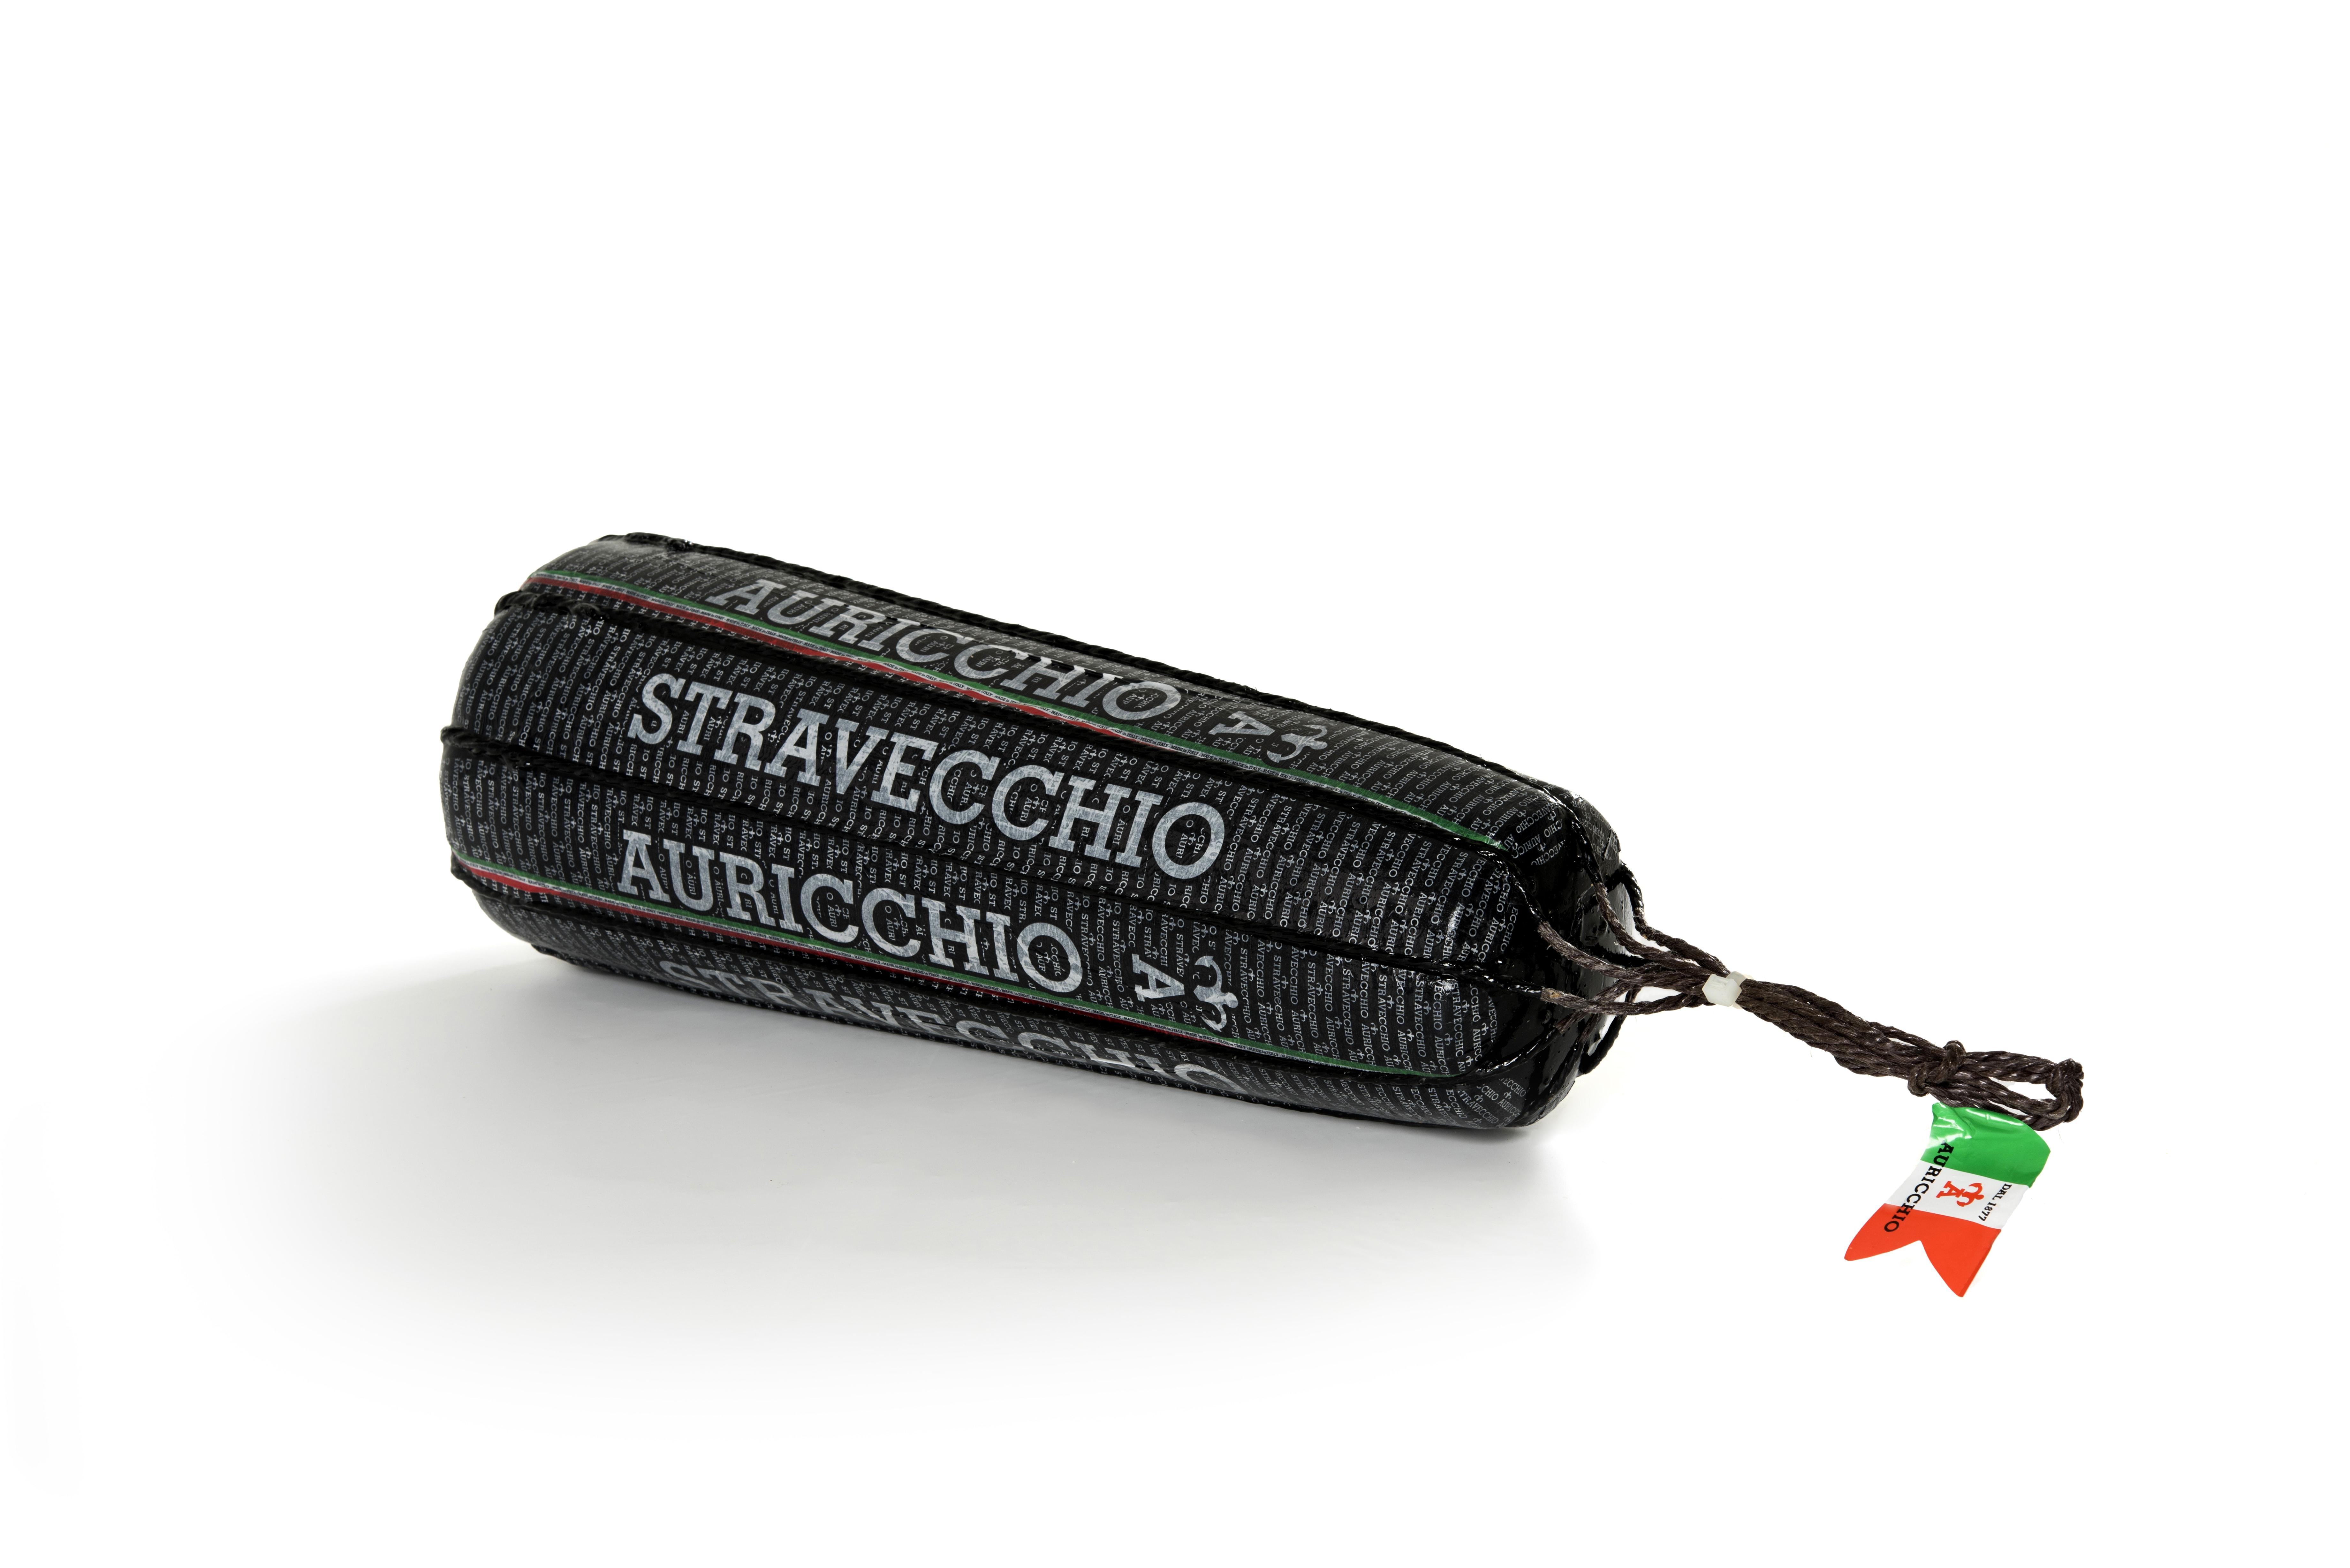 AUR10478 Auricchio Provolone Straveccchio 20kg